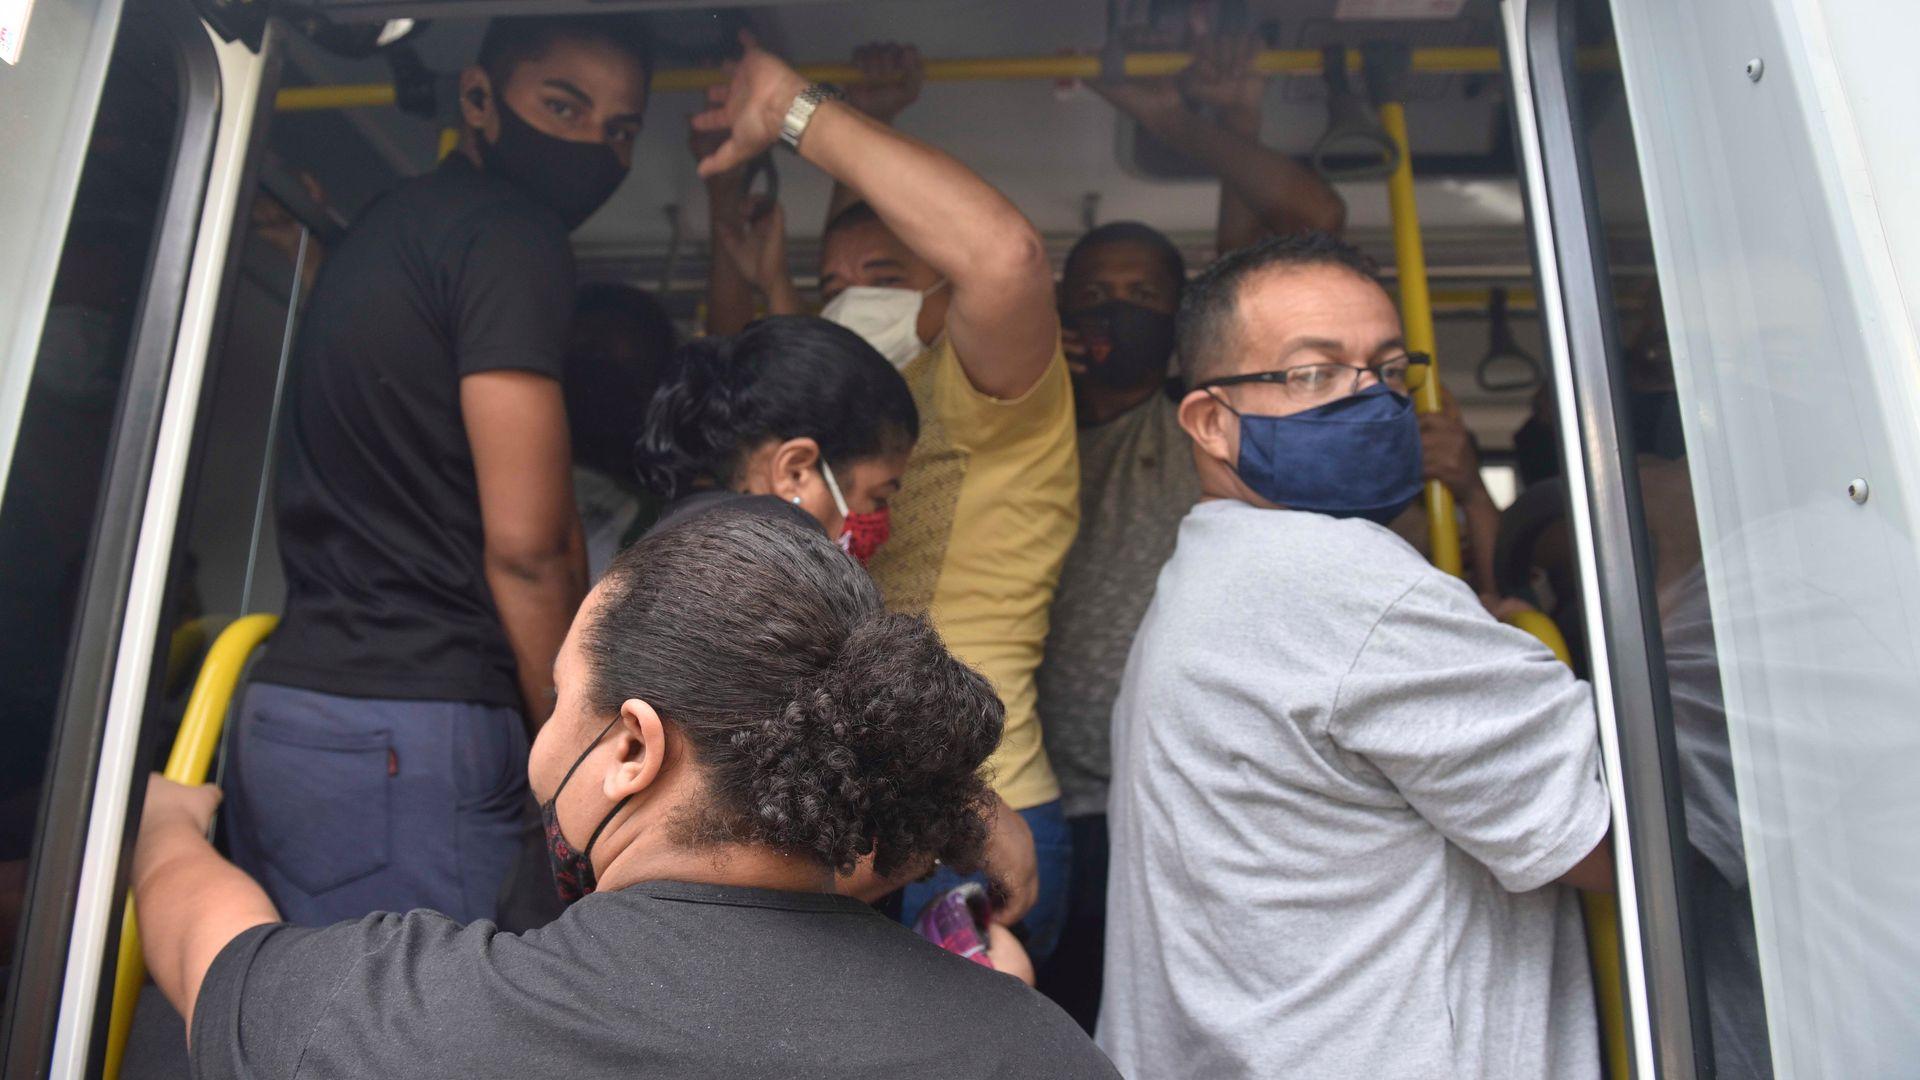 08/03/2021 - Pessoas esperando ônibus no Bairro Grande Vitória, em Vitória